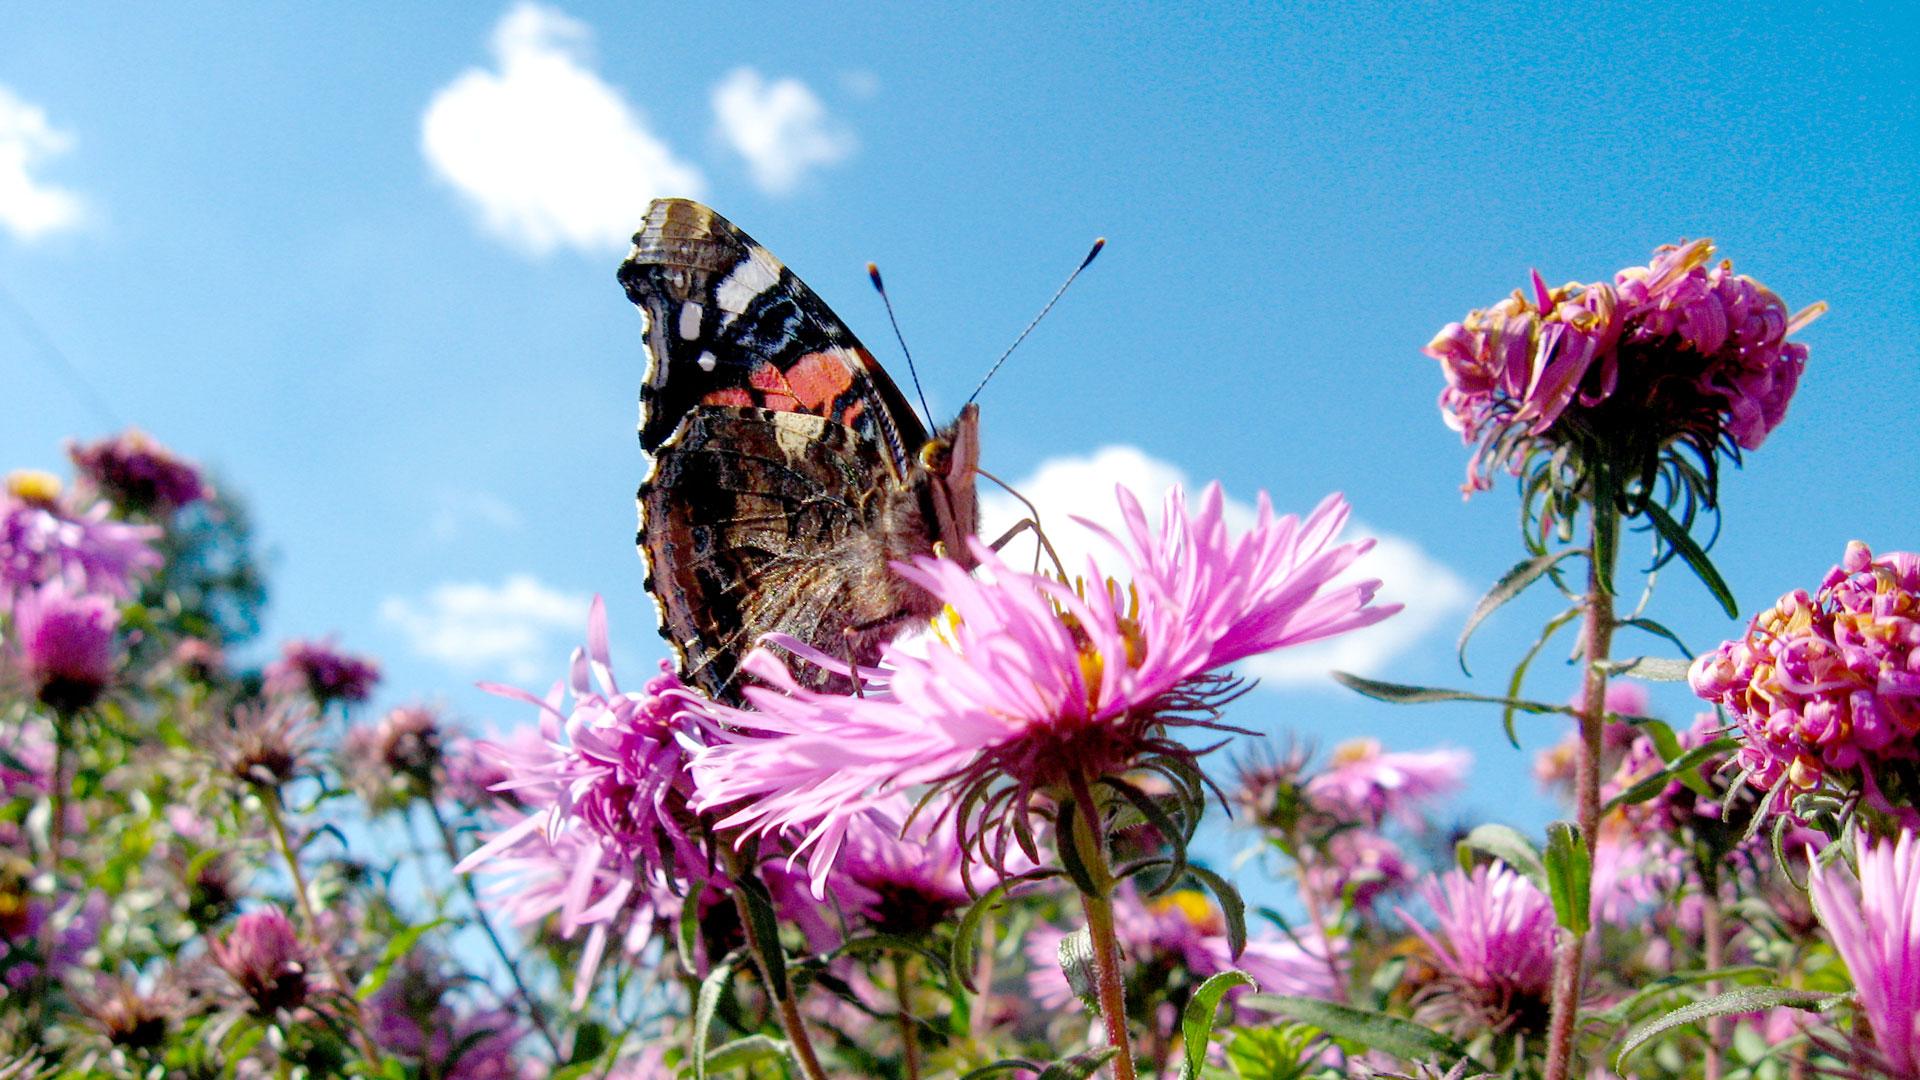 Schmetterlinge füttern? Eine Falter-Tankstelle für in den Süden ziehende Schmetterlingsarten hilft!